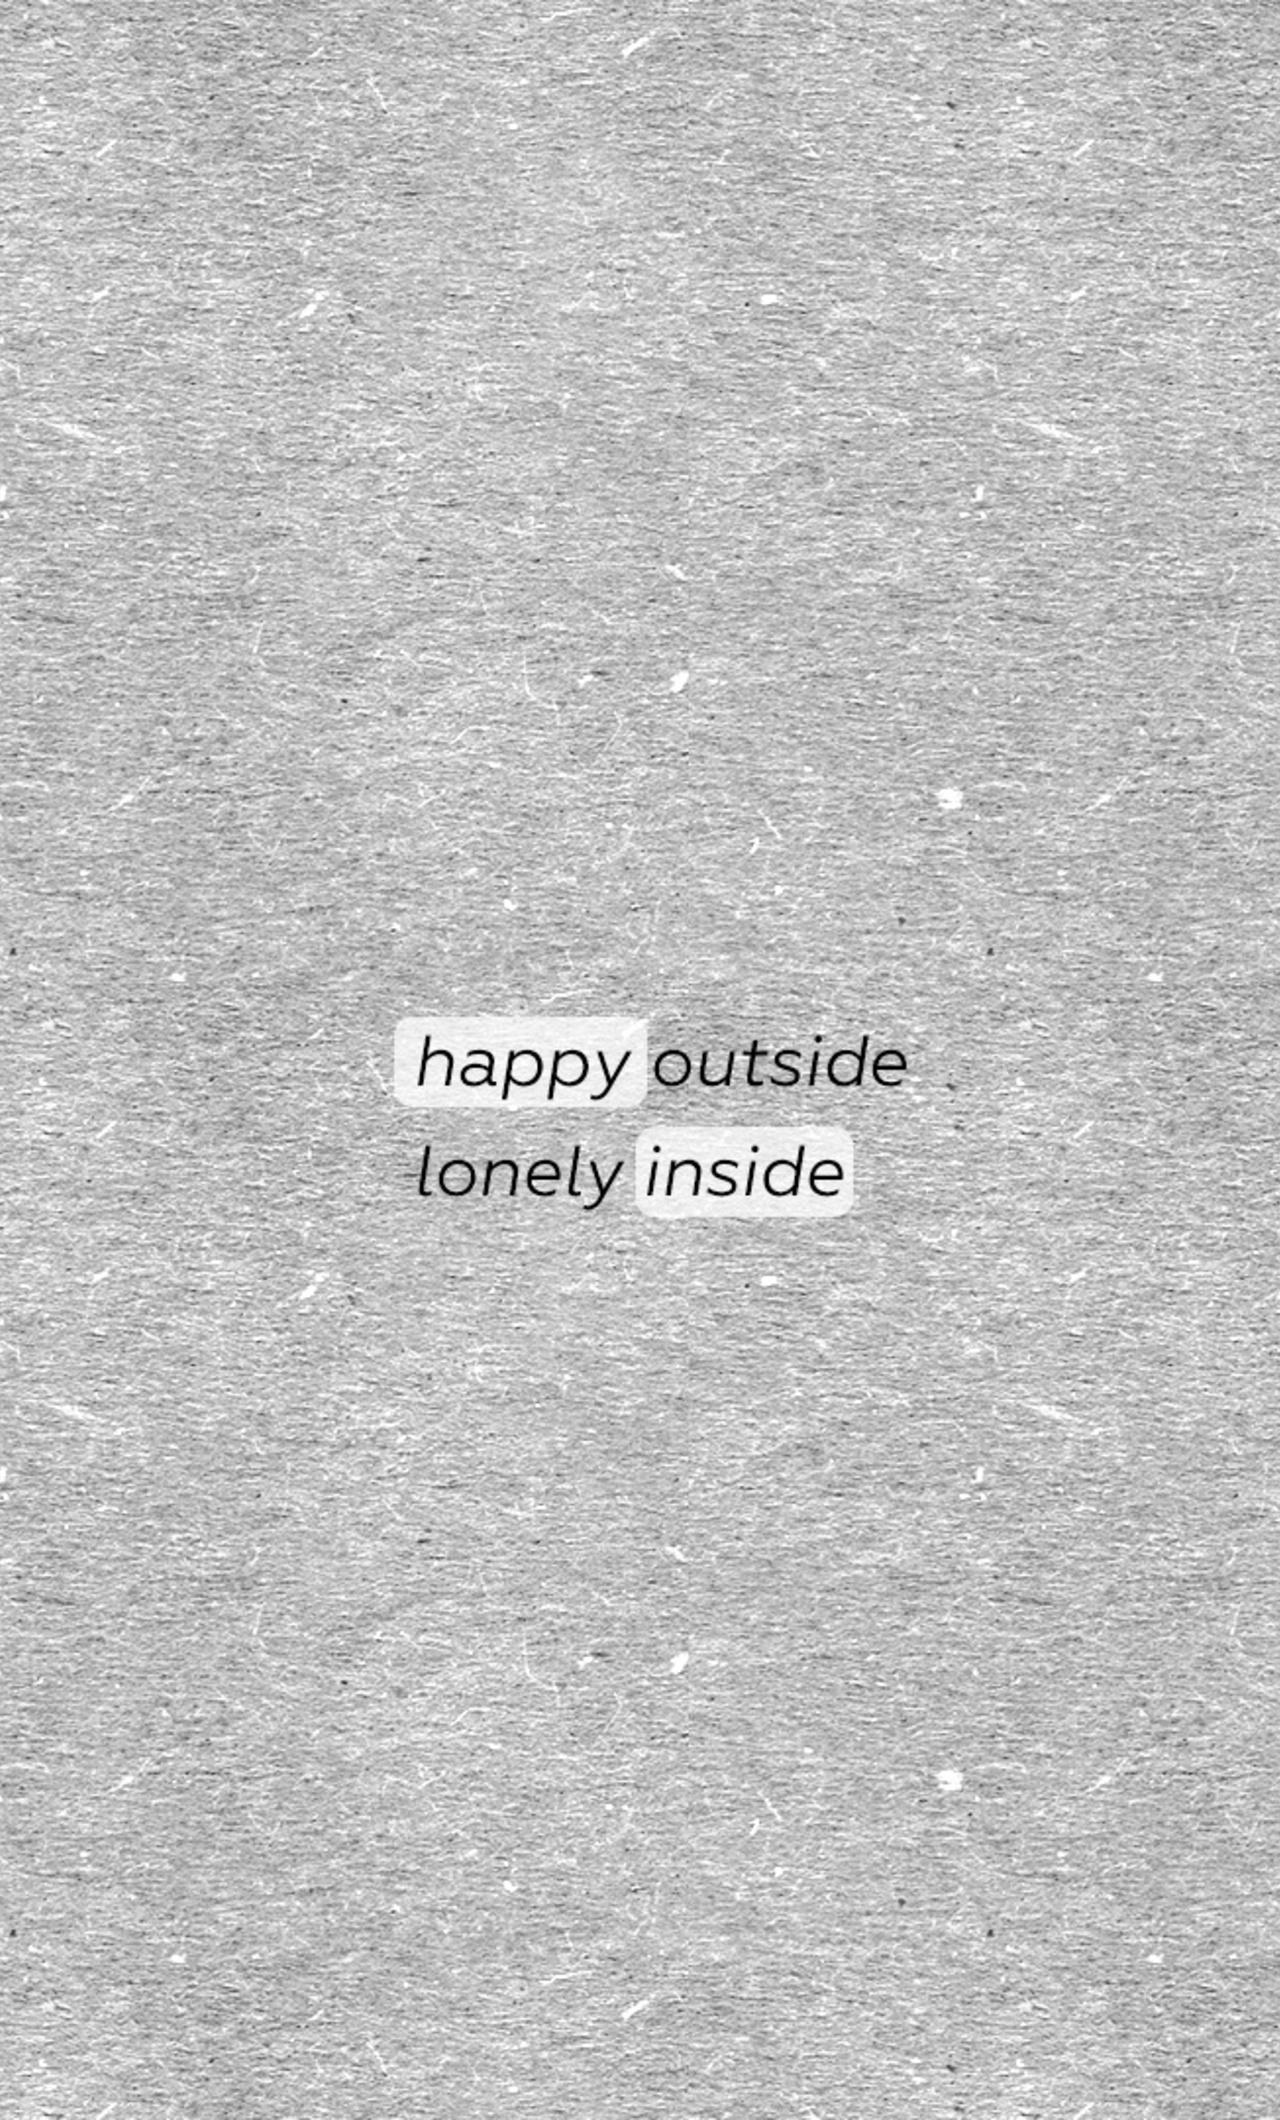 happy-outside-lonely-inside-2b.jpg